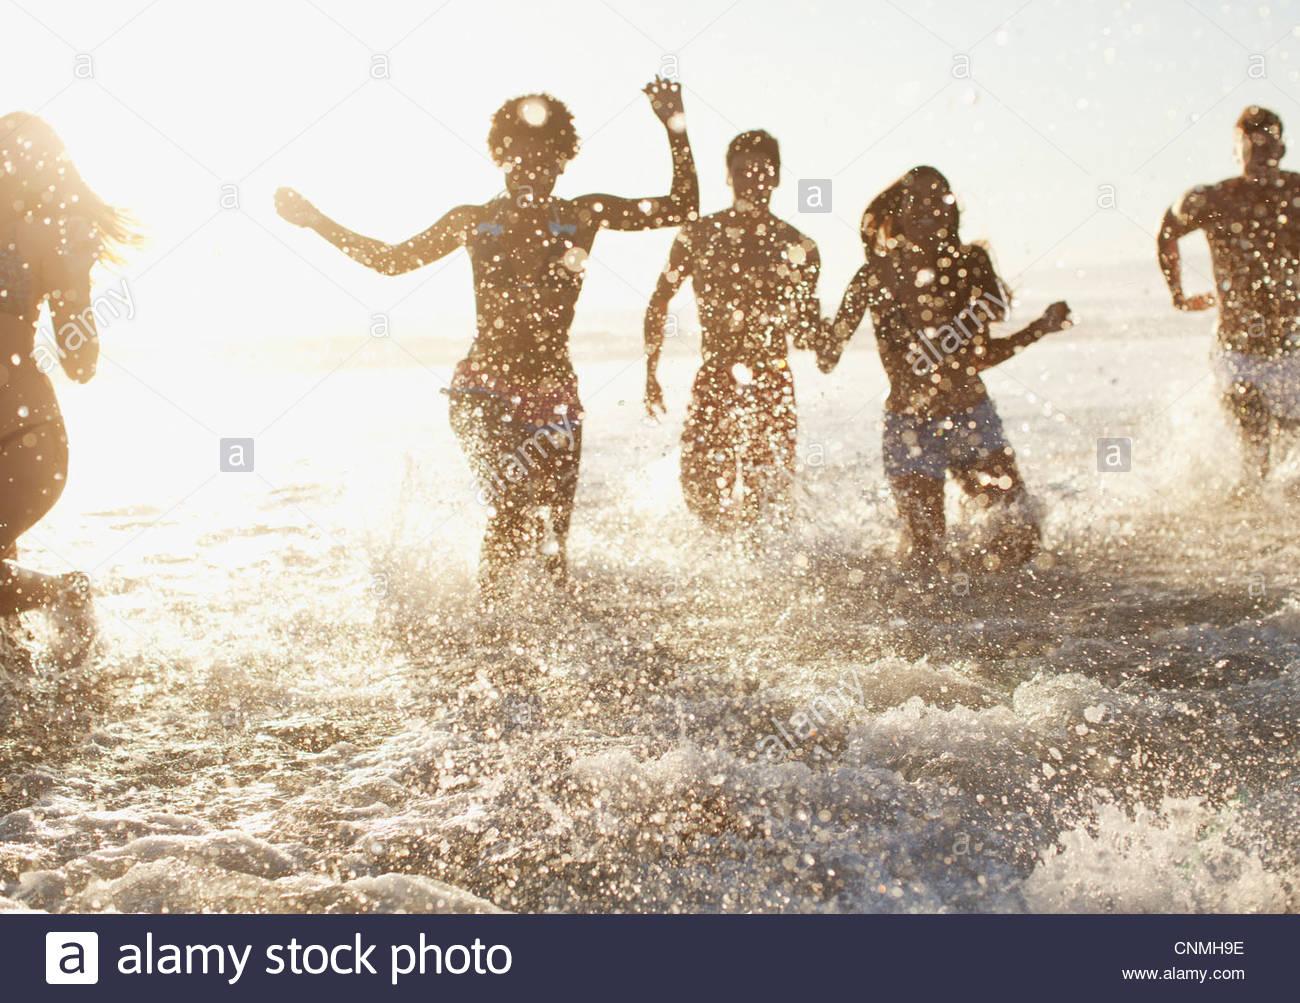 Freunde spielen in Wellen am Strand Stockfoto